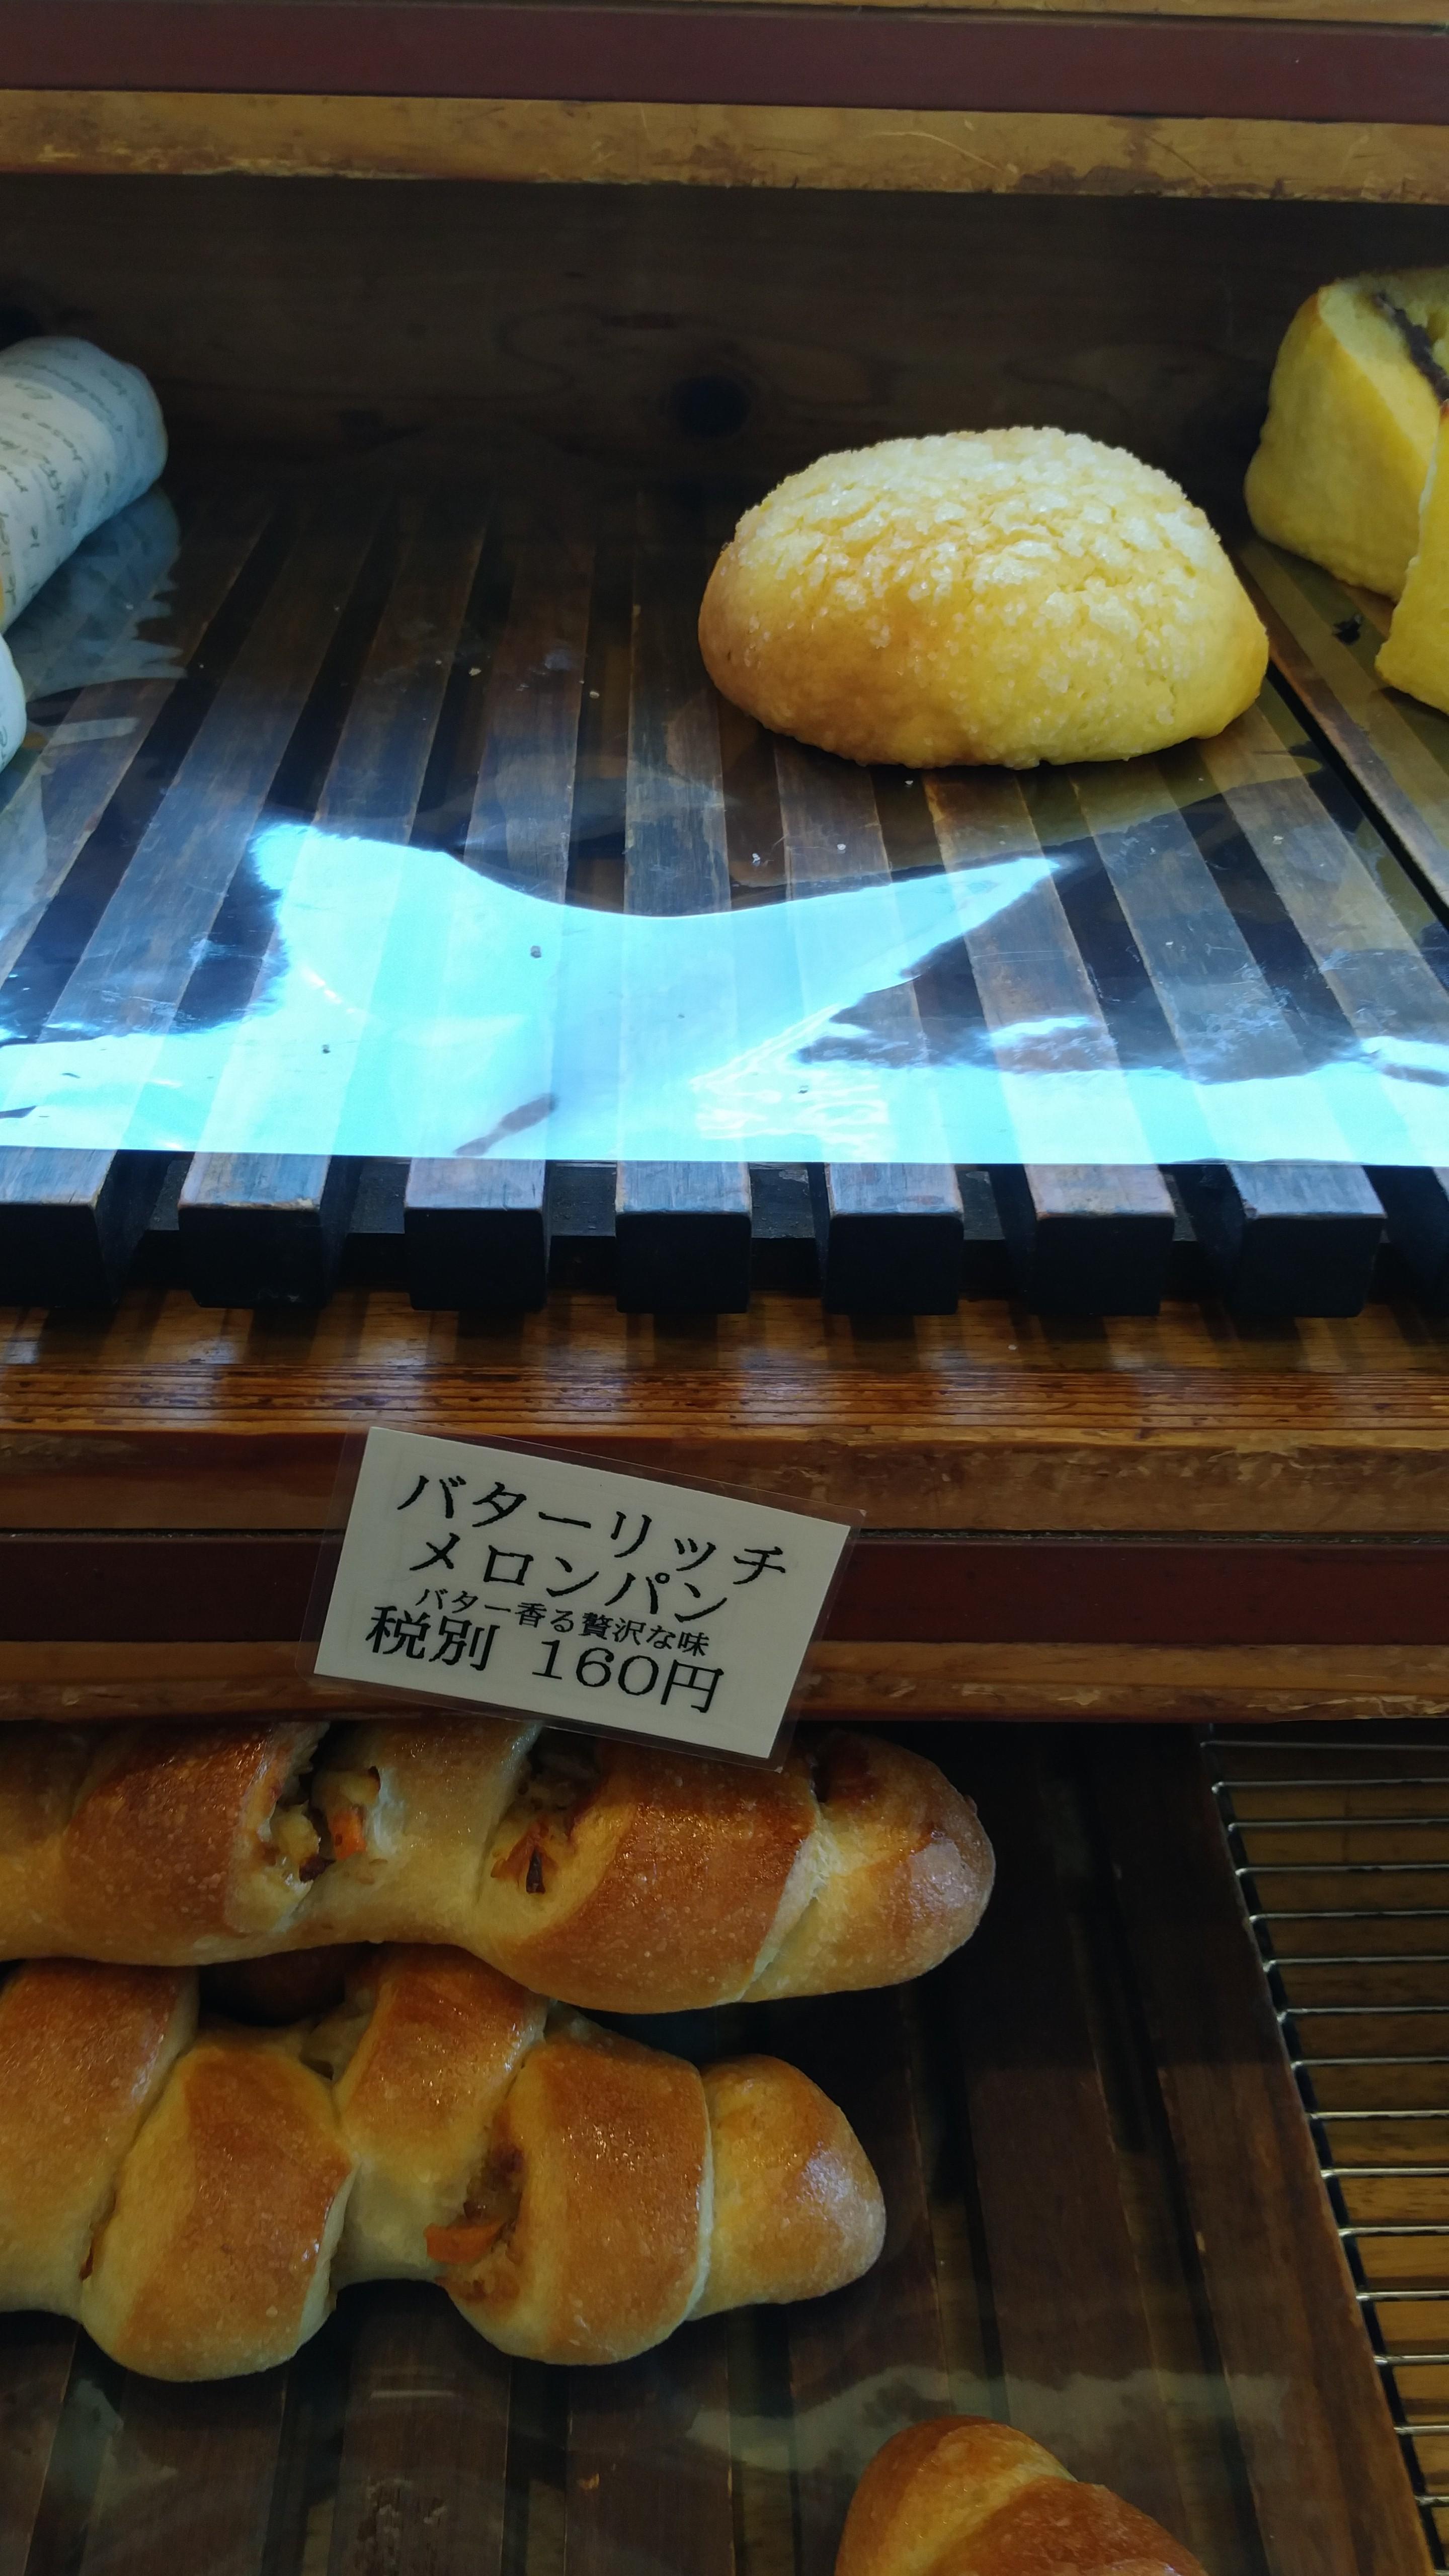 櫻 メロンパン1個